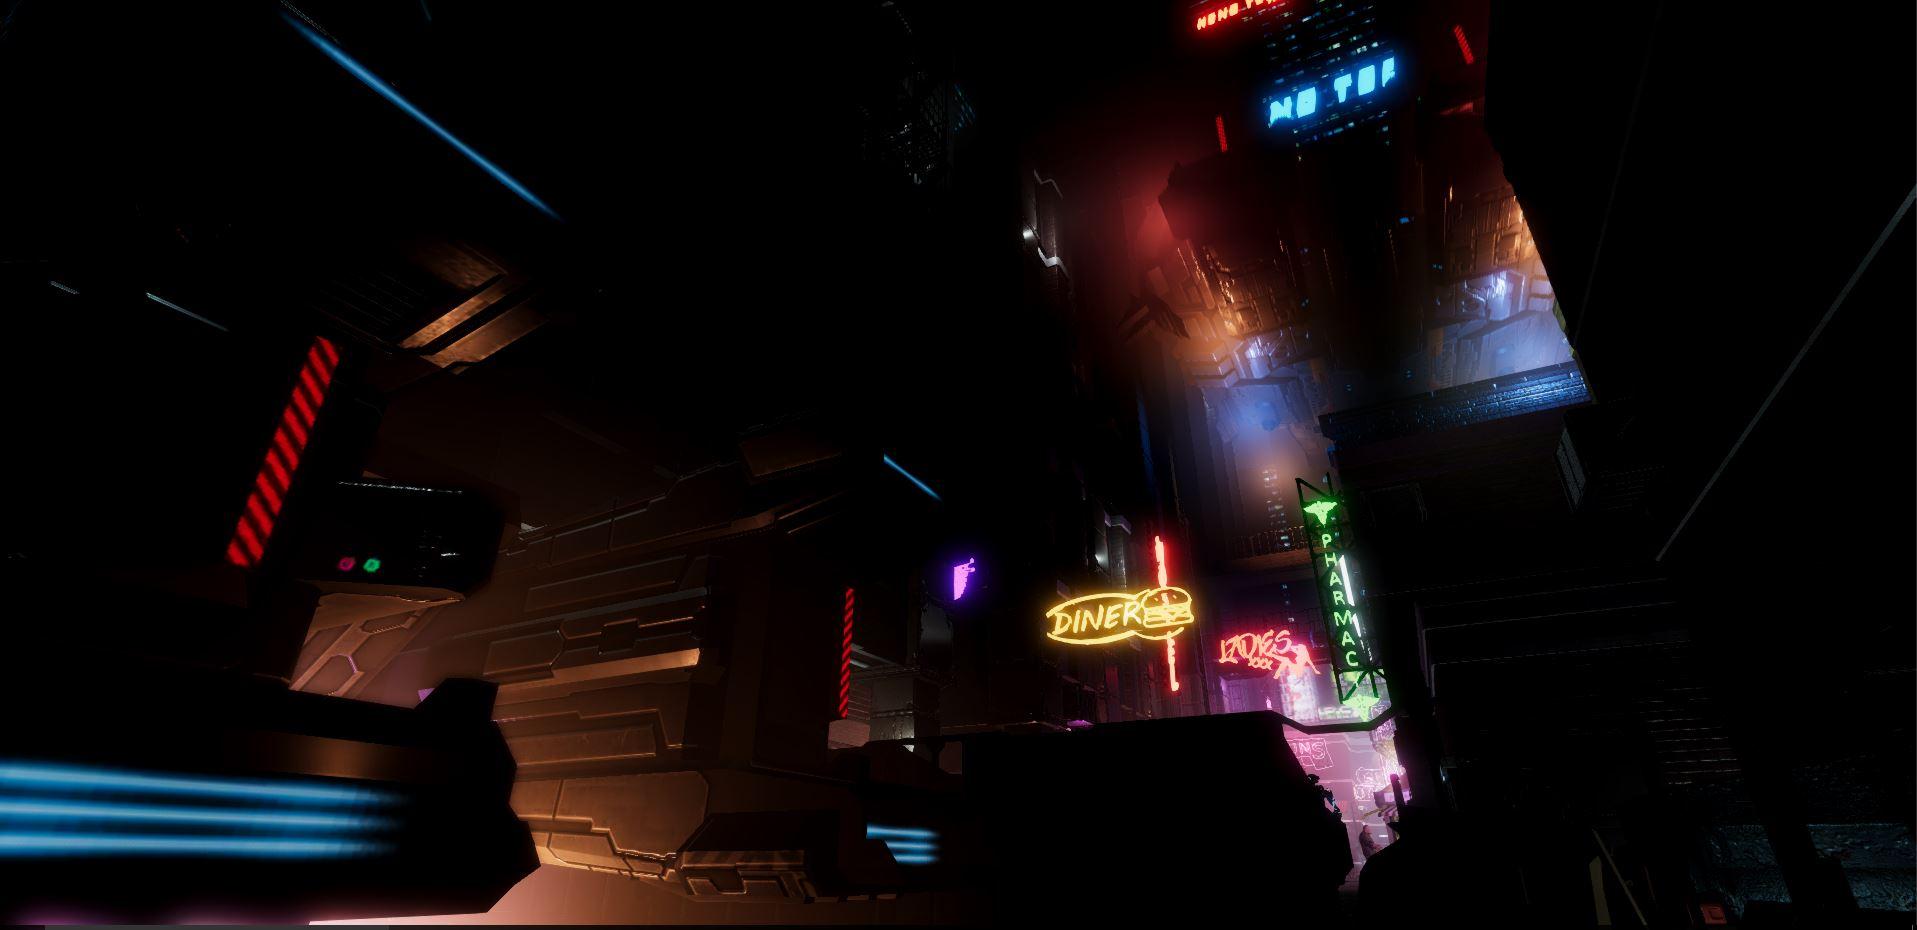 NeonCity3.JPG